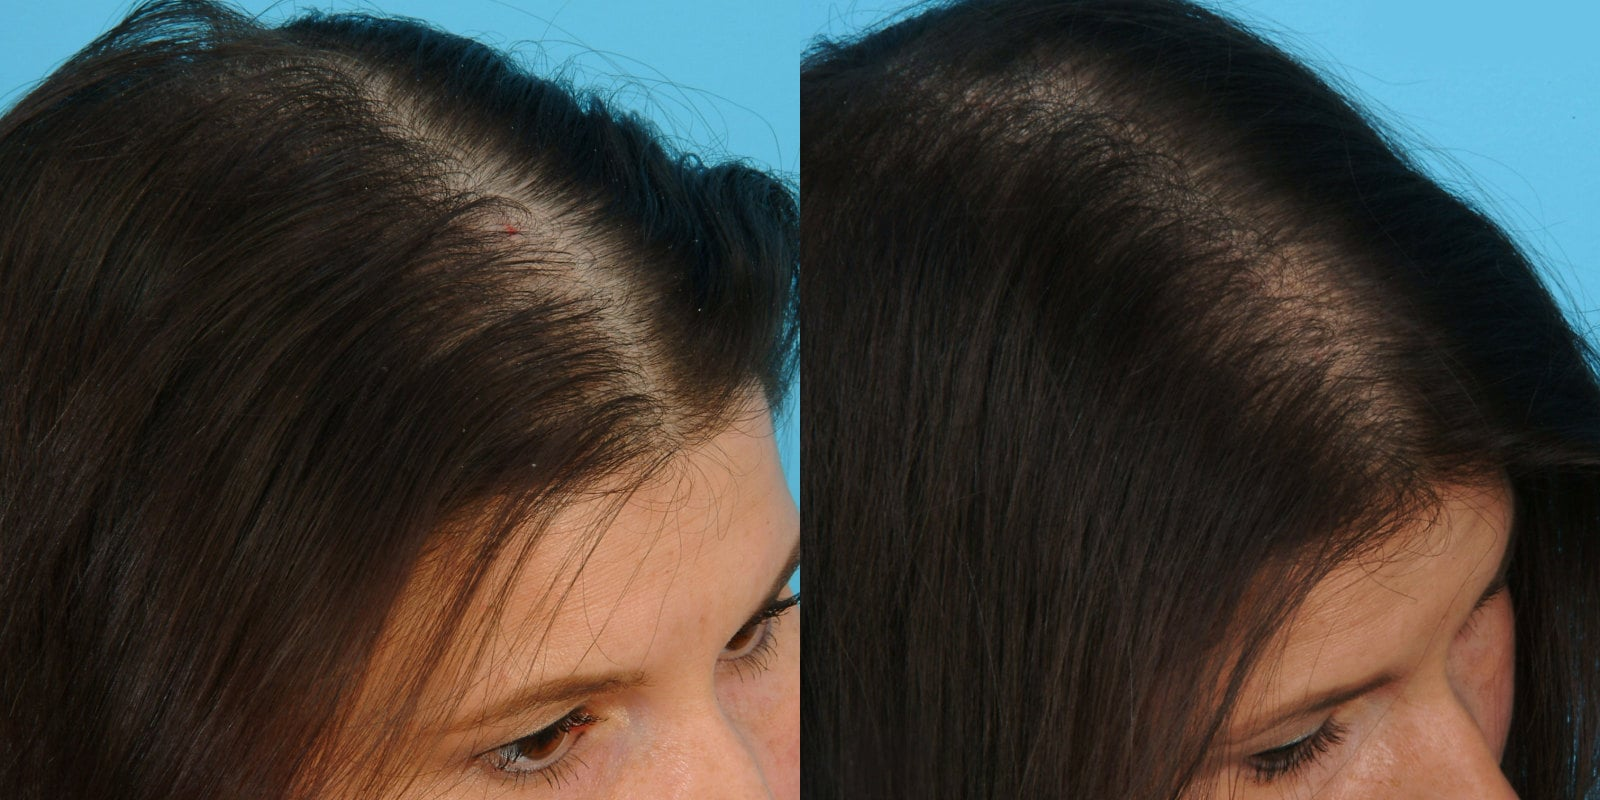 эффект дарсонвализации для волос, дарсонваль для волос, фото до и после дарсонвализации волос, дарсонваль при облысении